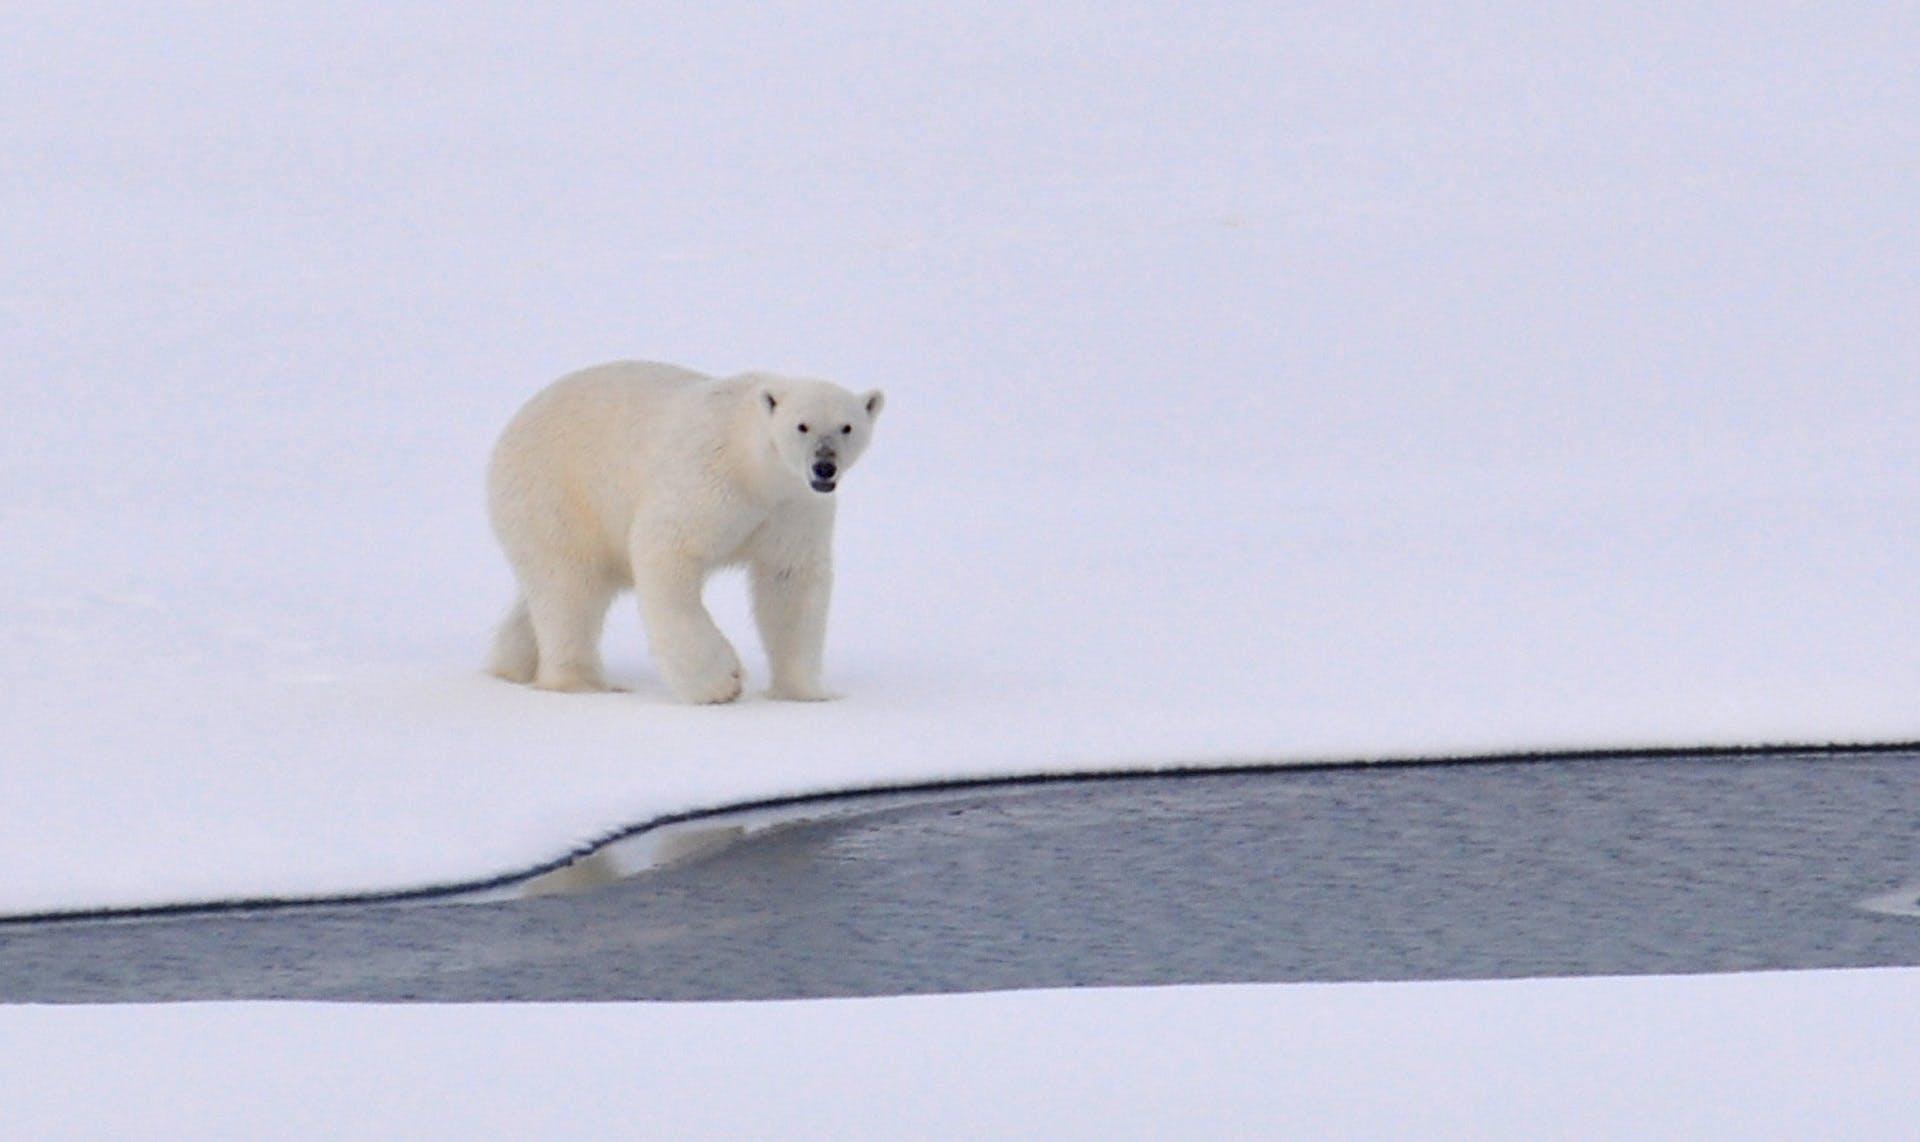 Kostenloses Stock Foto zu arktis, eis, eisbär, eisig